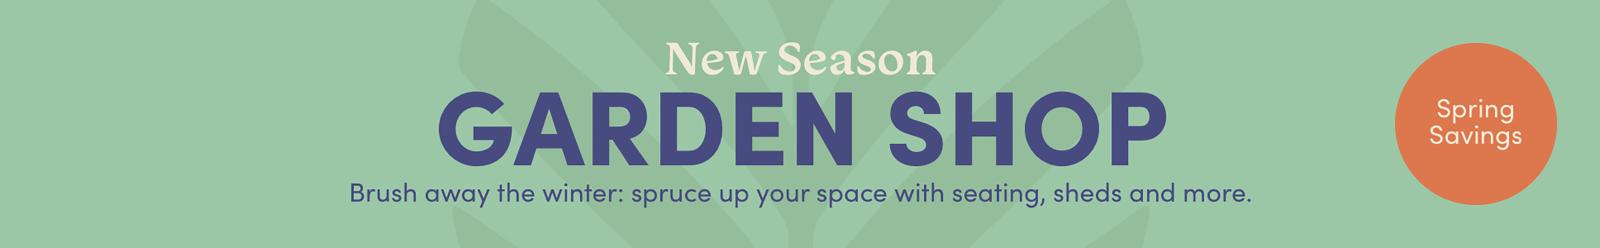 New Season: Garden Shop